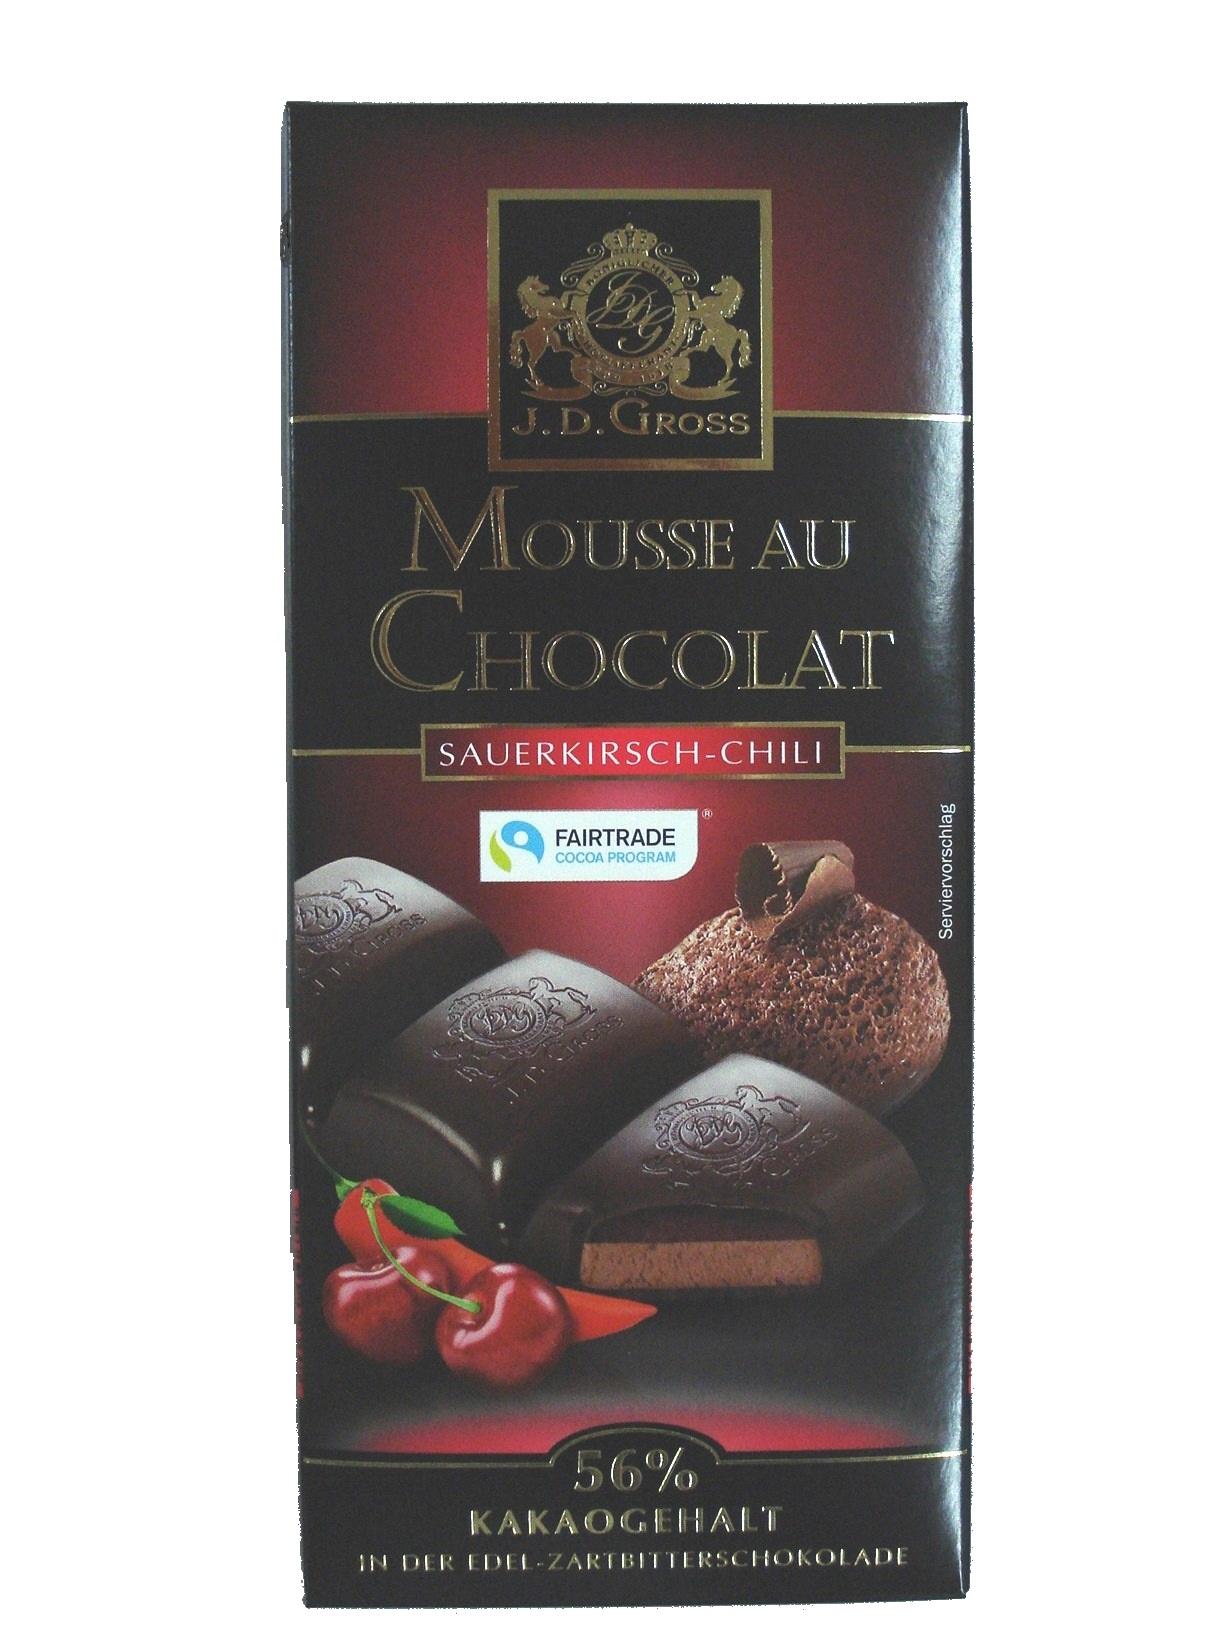 Mousse au Chocolat Sauerkirsch-Chili